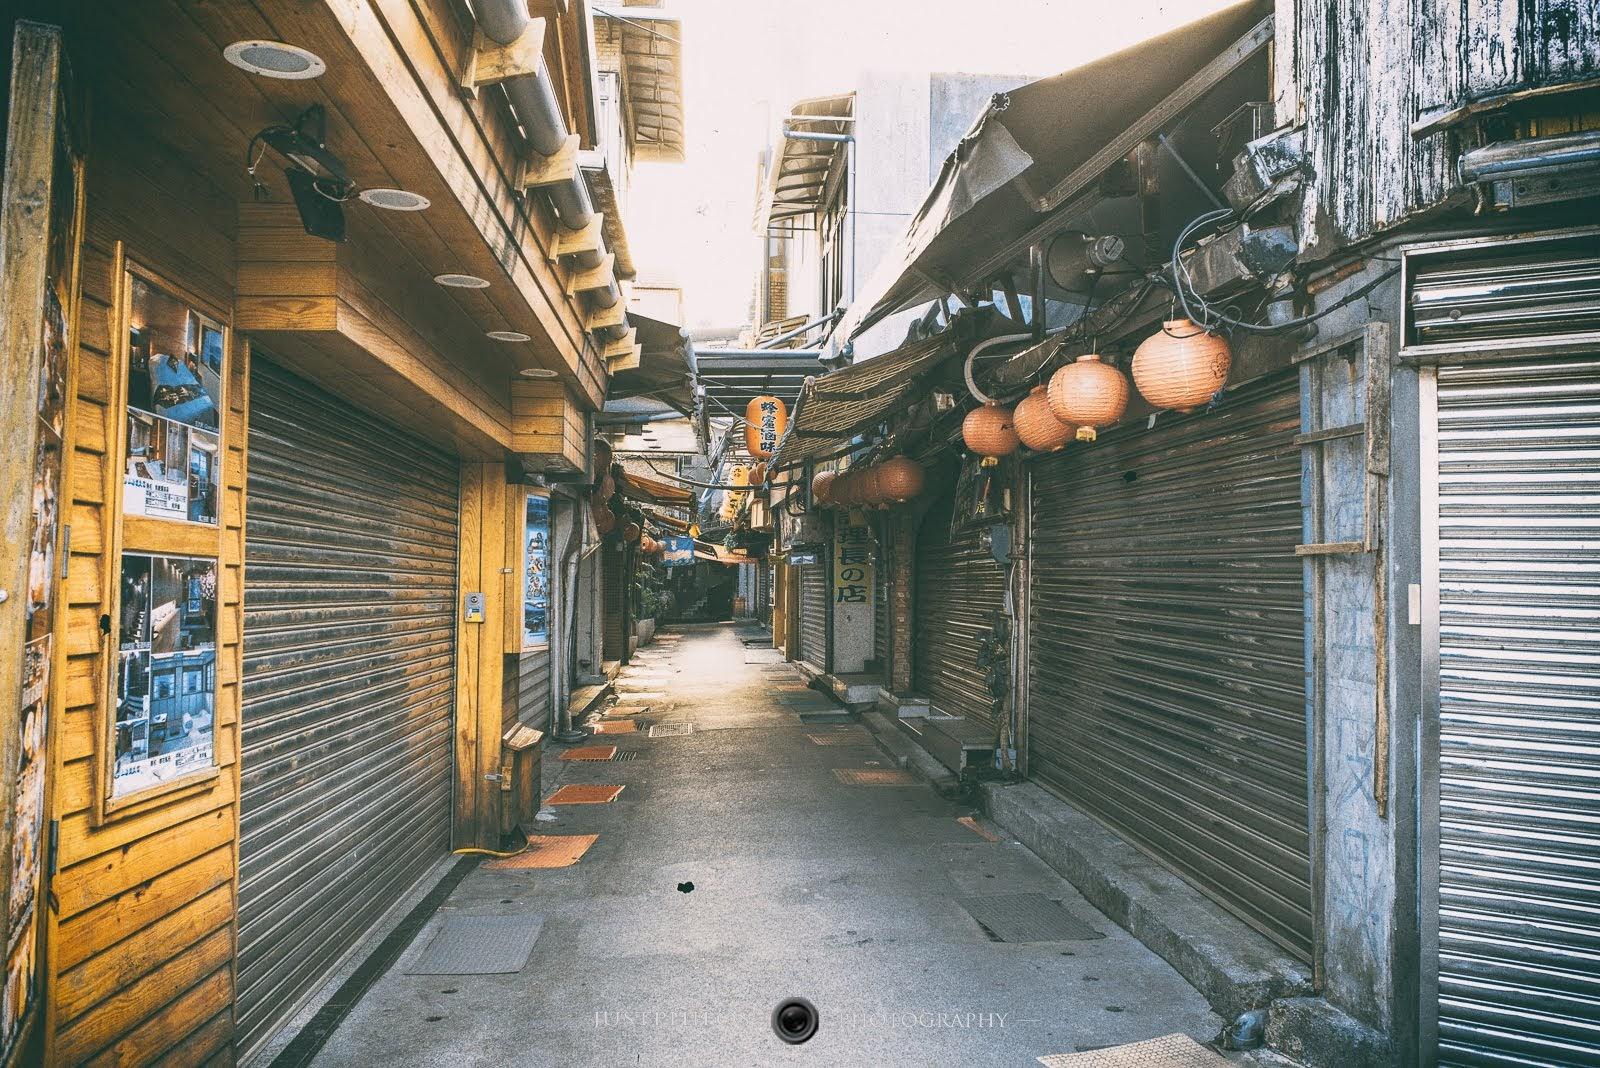 平常熟悉的九份老街,少了喧囂的遊客,霎那間與一般傳統市集沒有太大的差別。